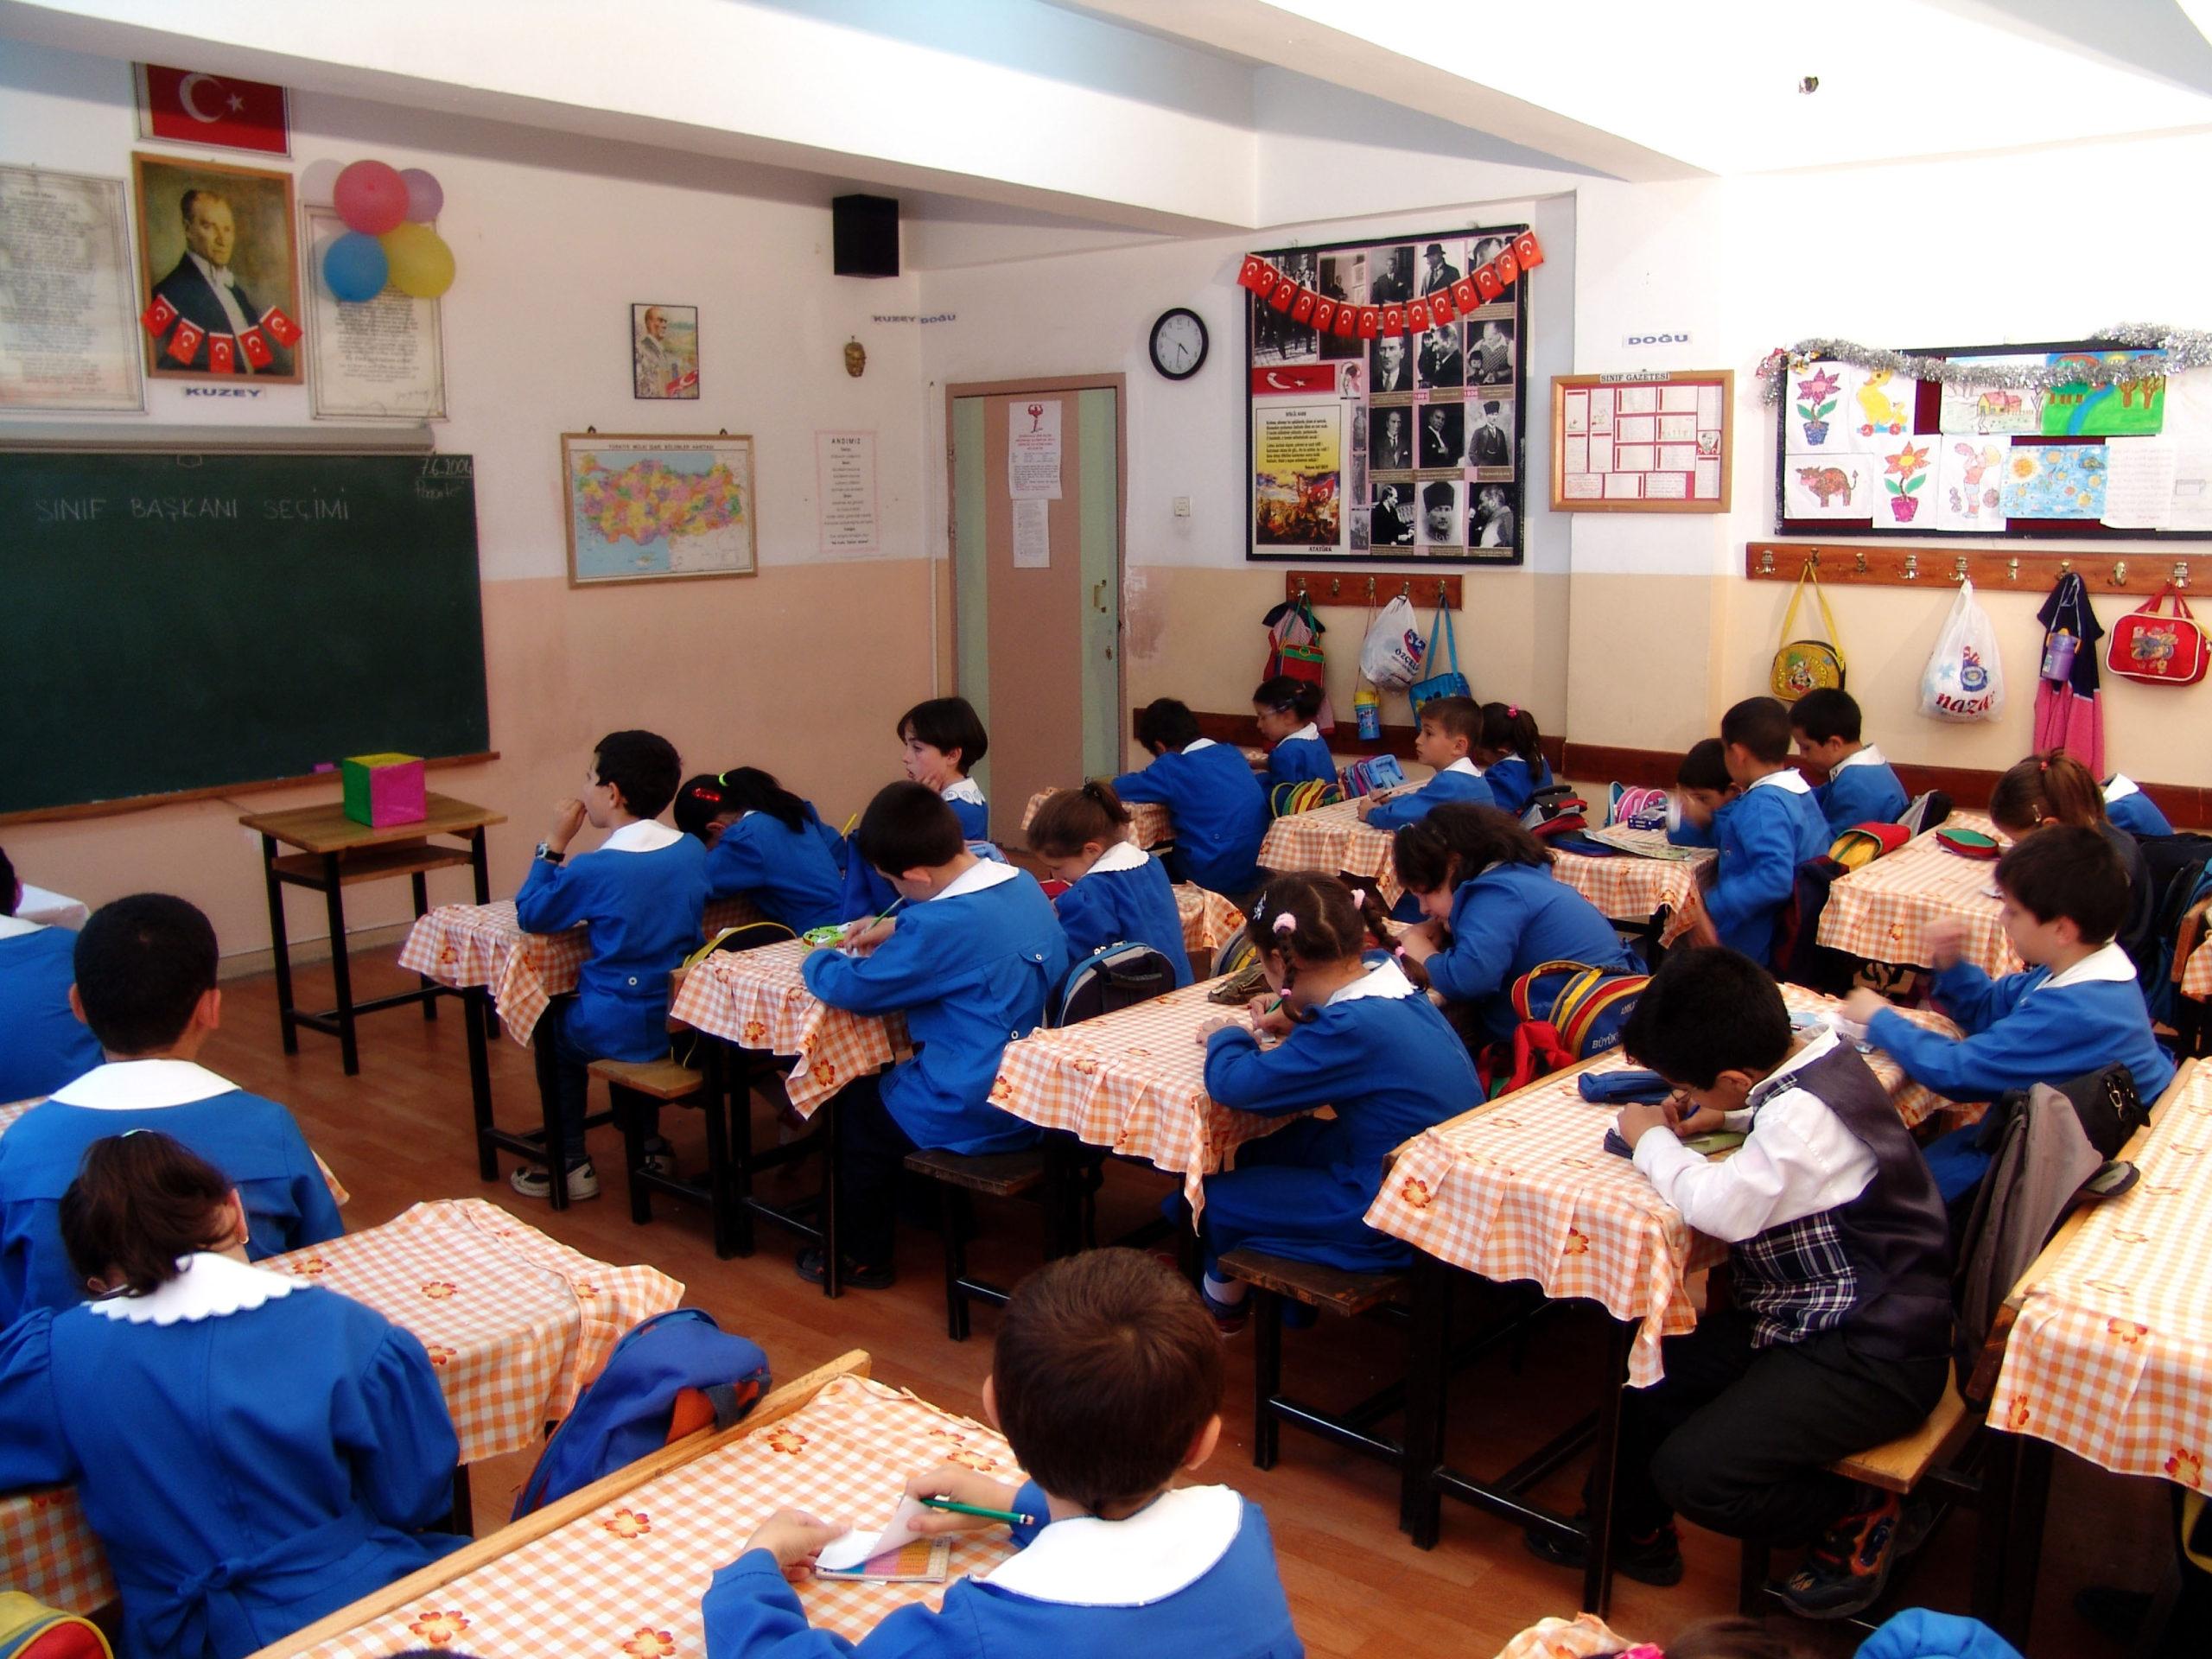 Spring Break Worksheet For Teachers Productive Leisure